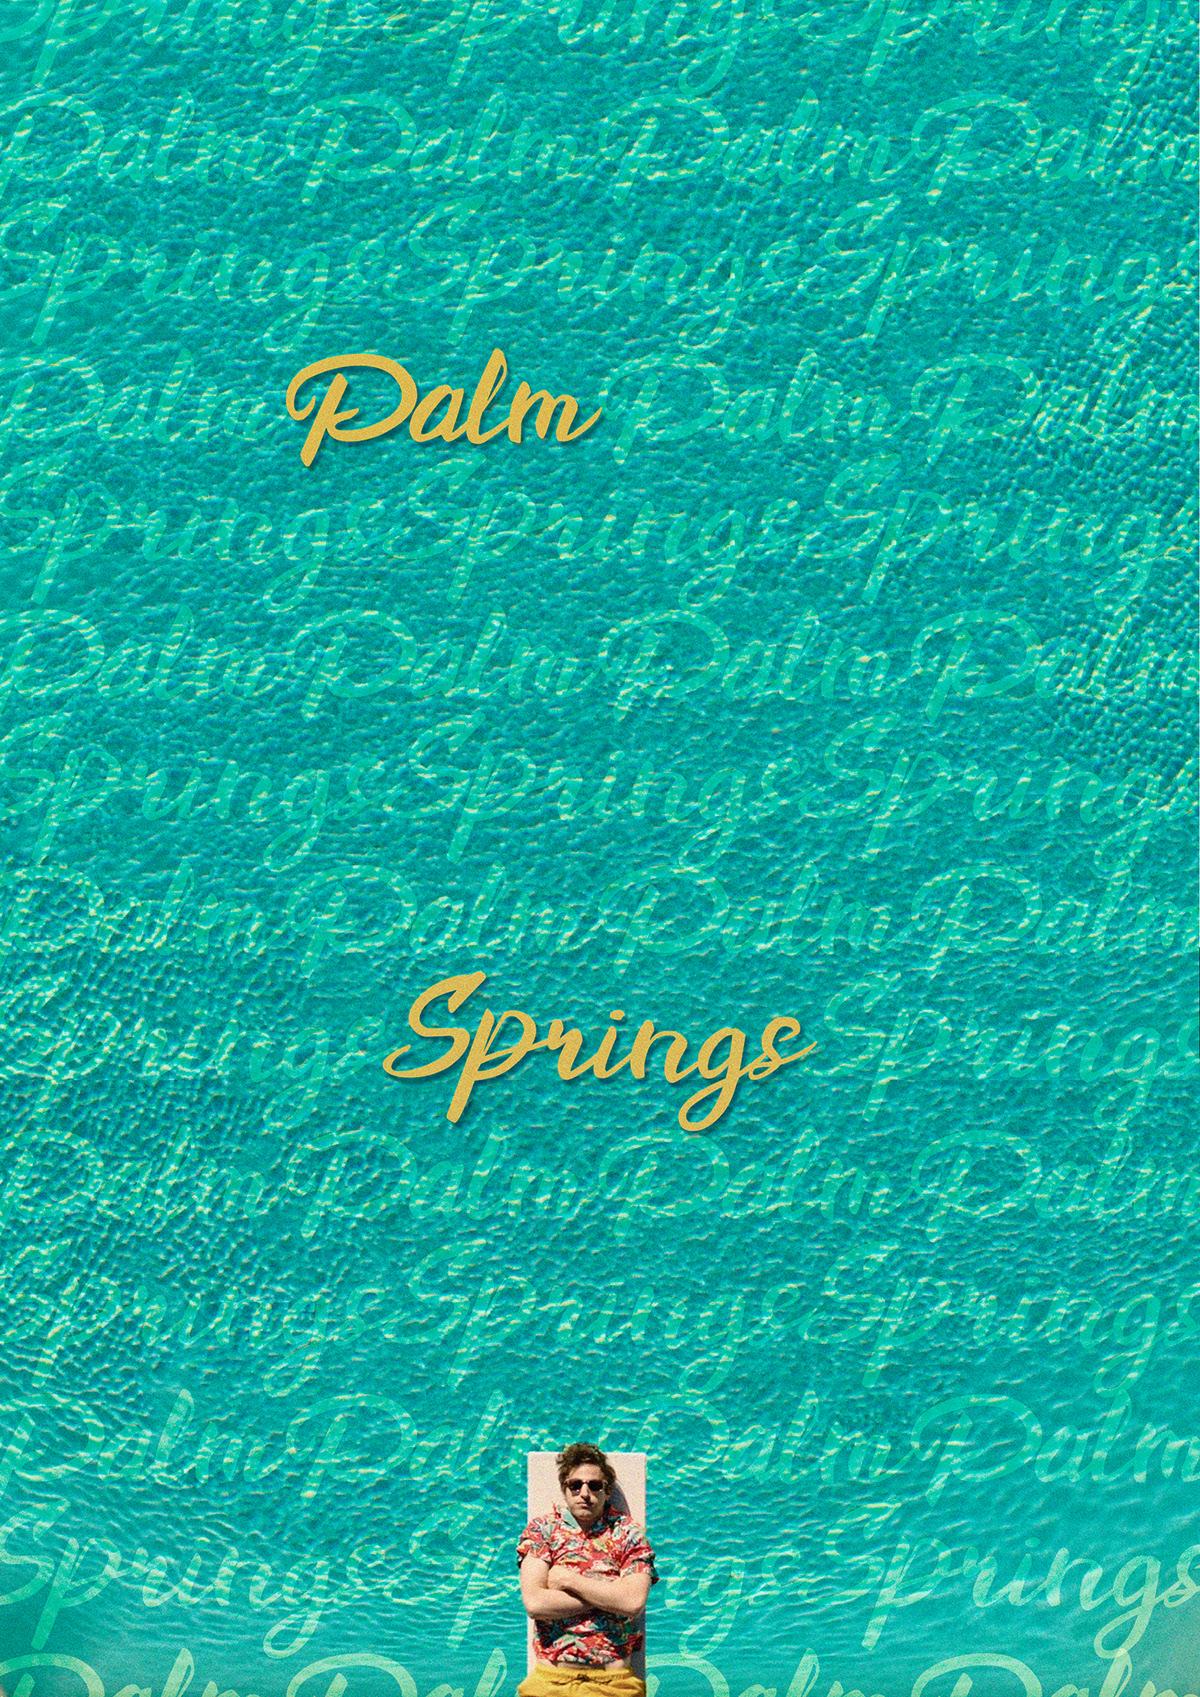 diseño gráfico Film   graphic design  hulu movie movie poster Palm Springs poster